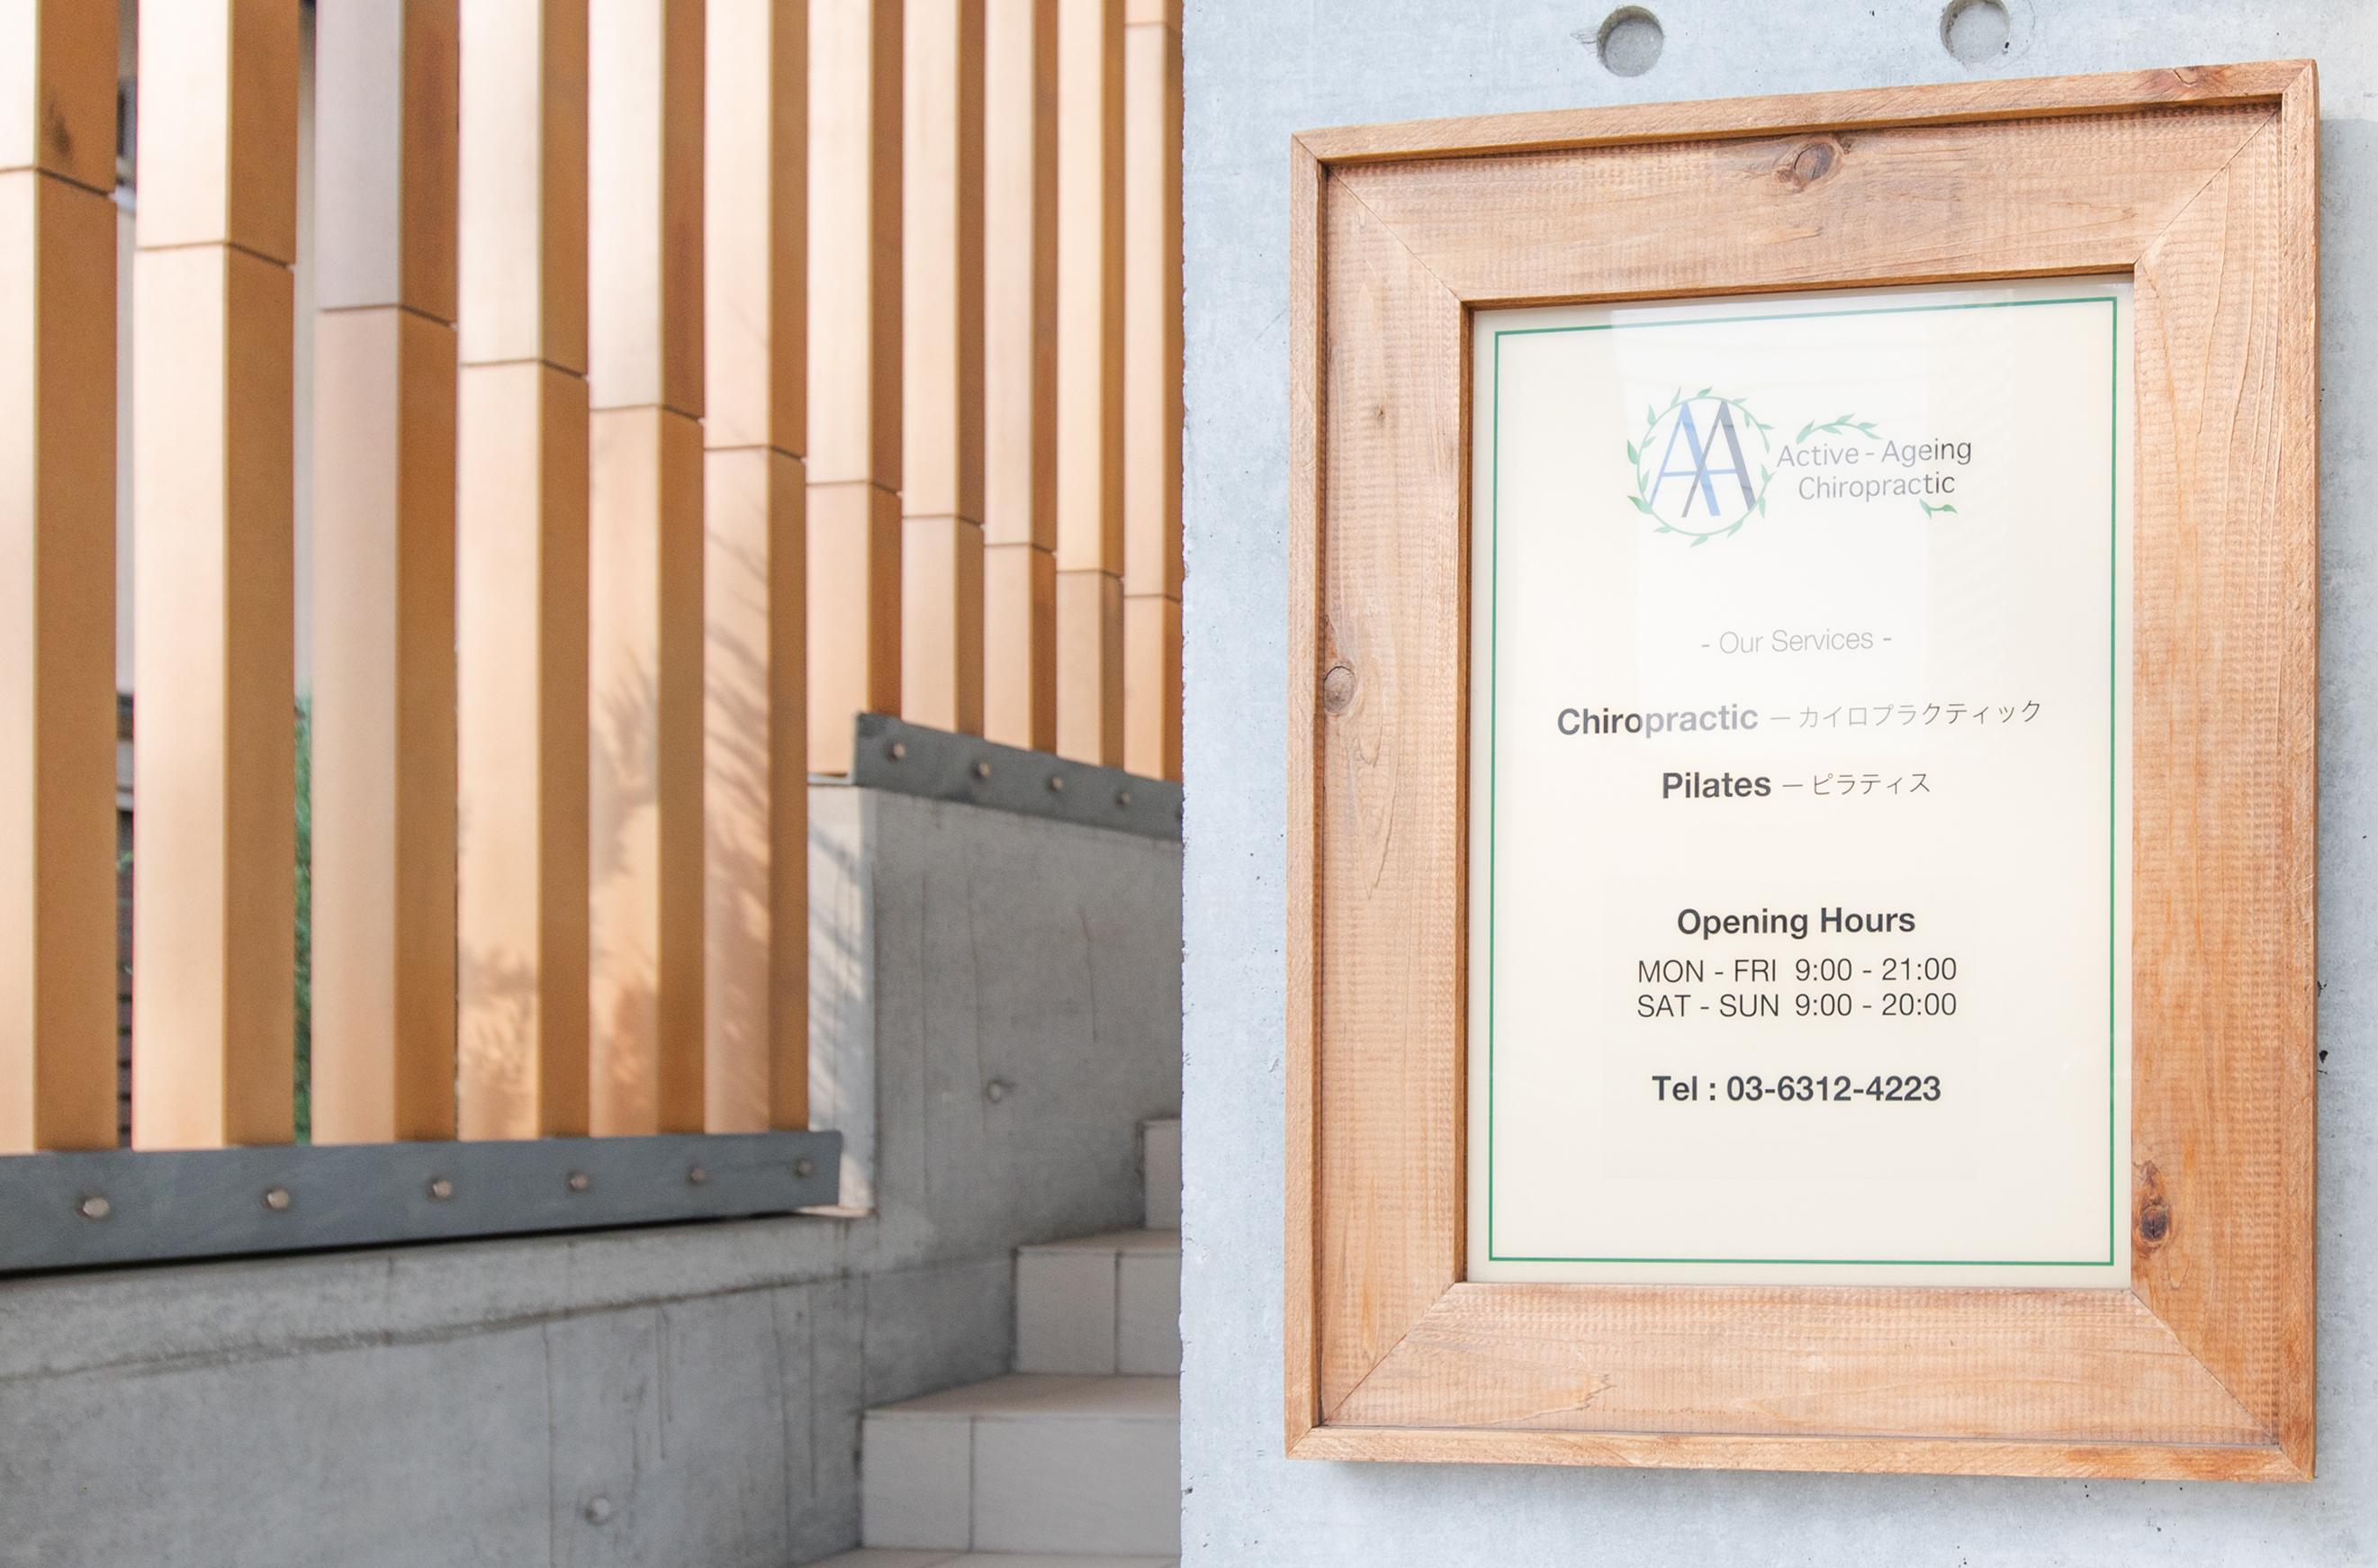 皆さまの健康に責任を持つ。私達は日本でわずか0.001%の米国公認カイロプラクティックドクターです